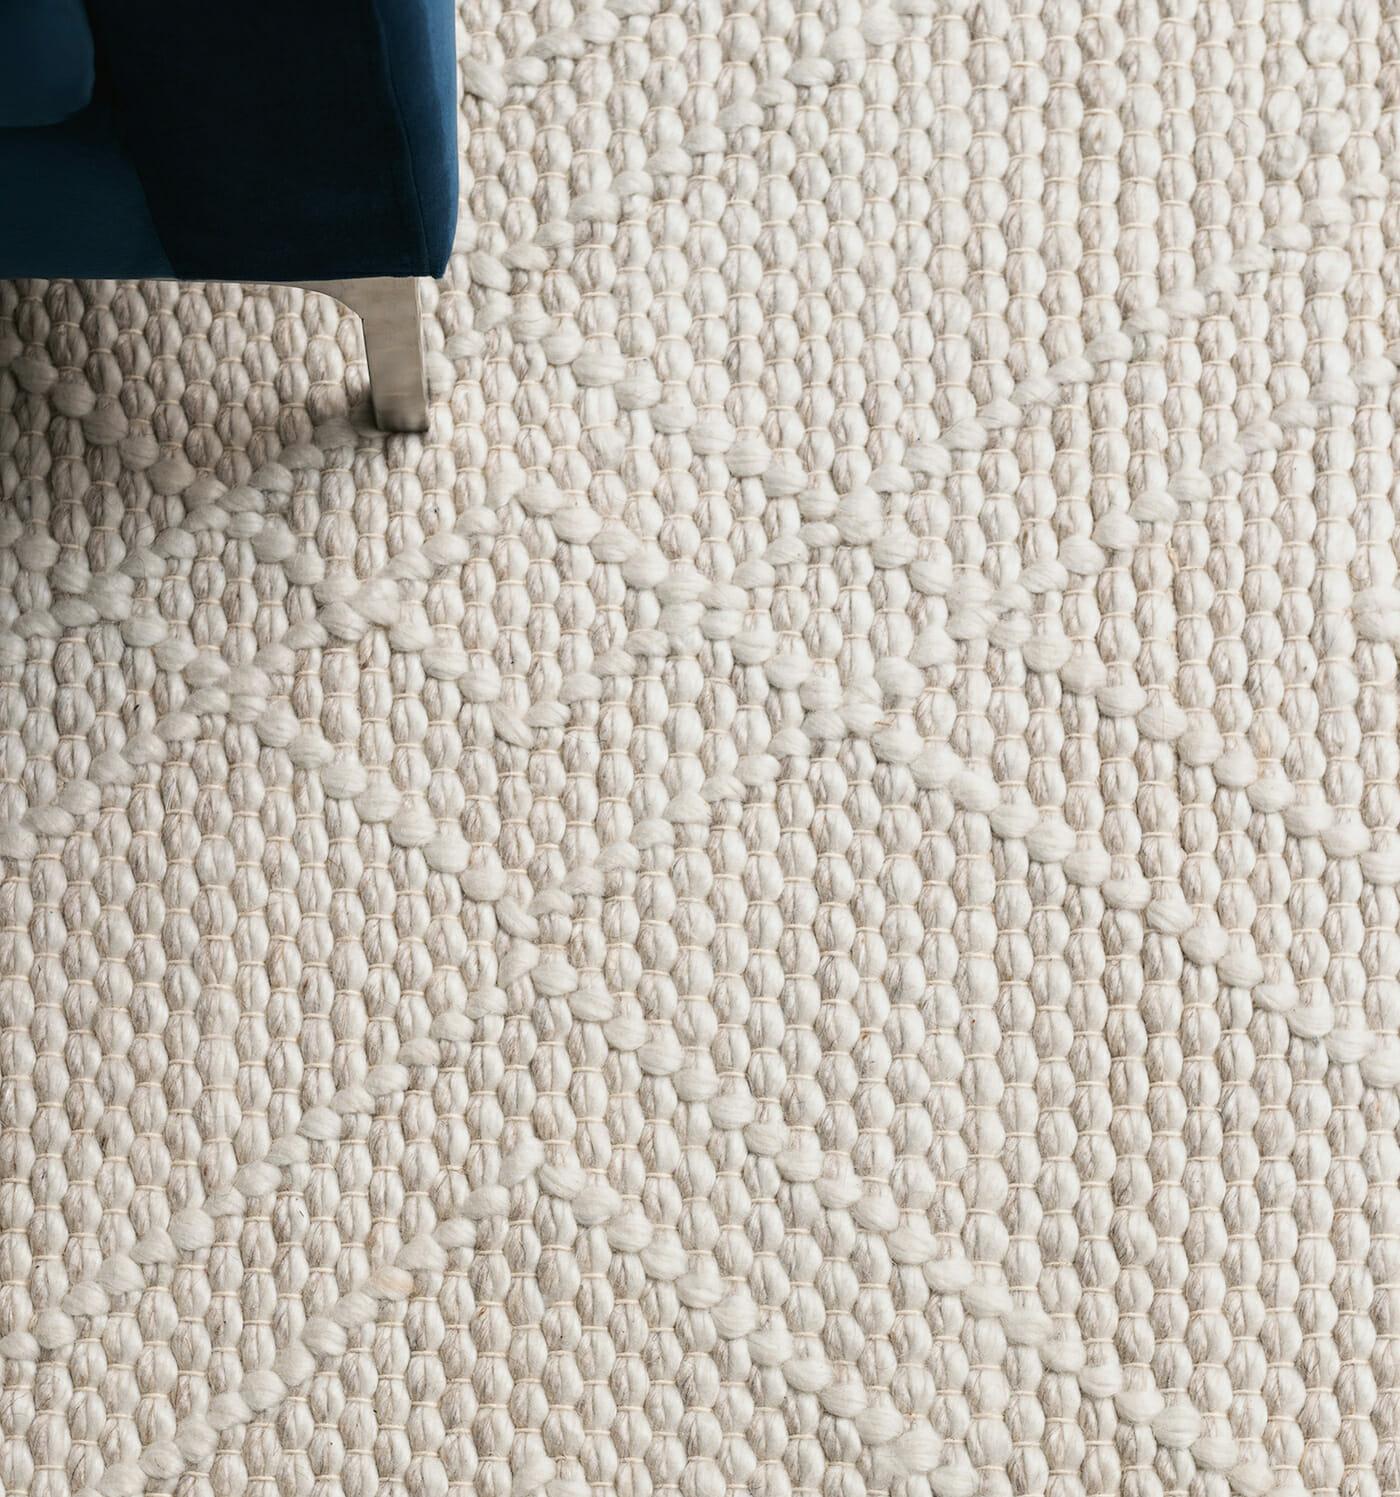 The Peru rug